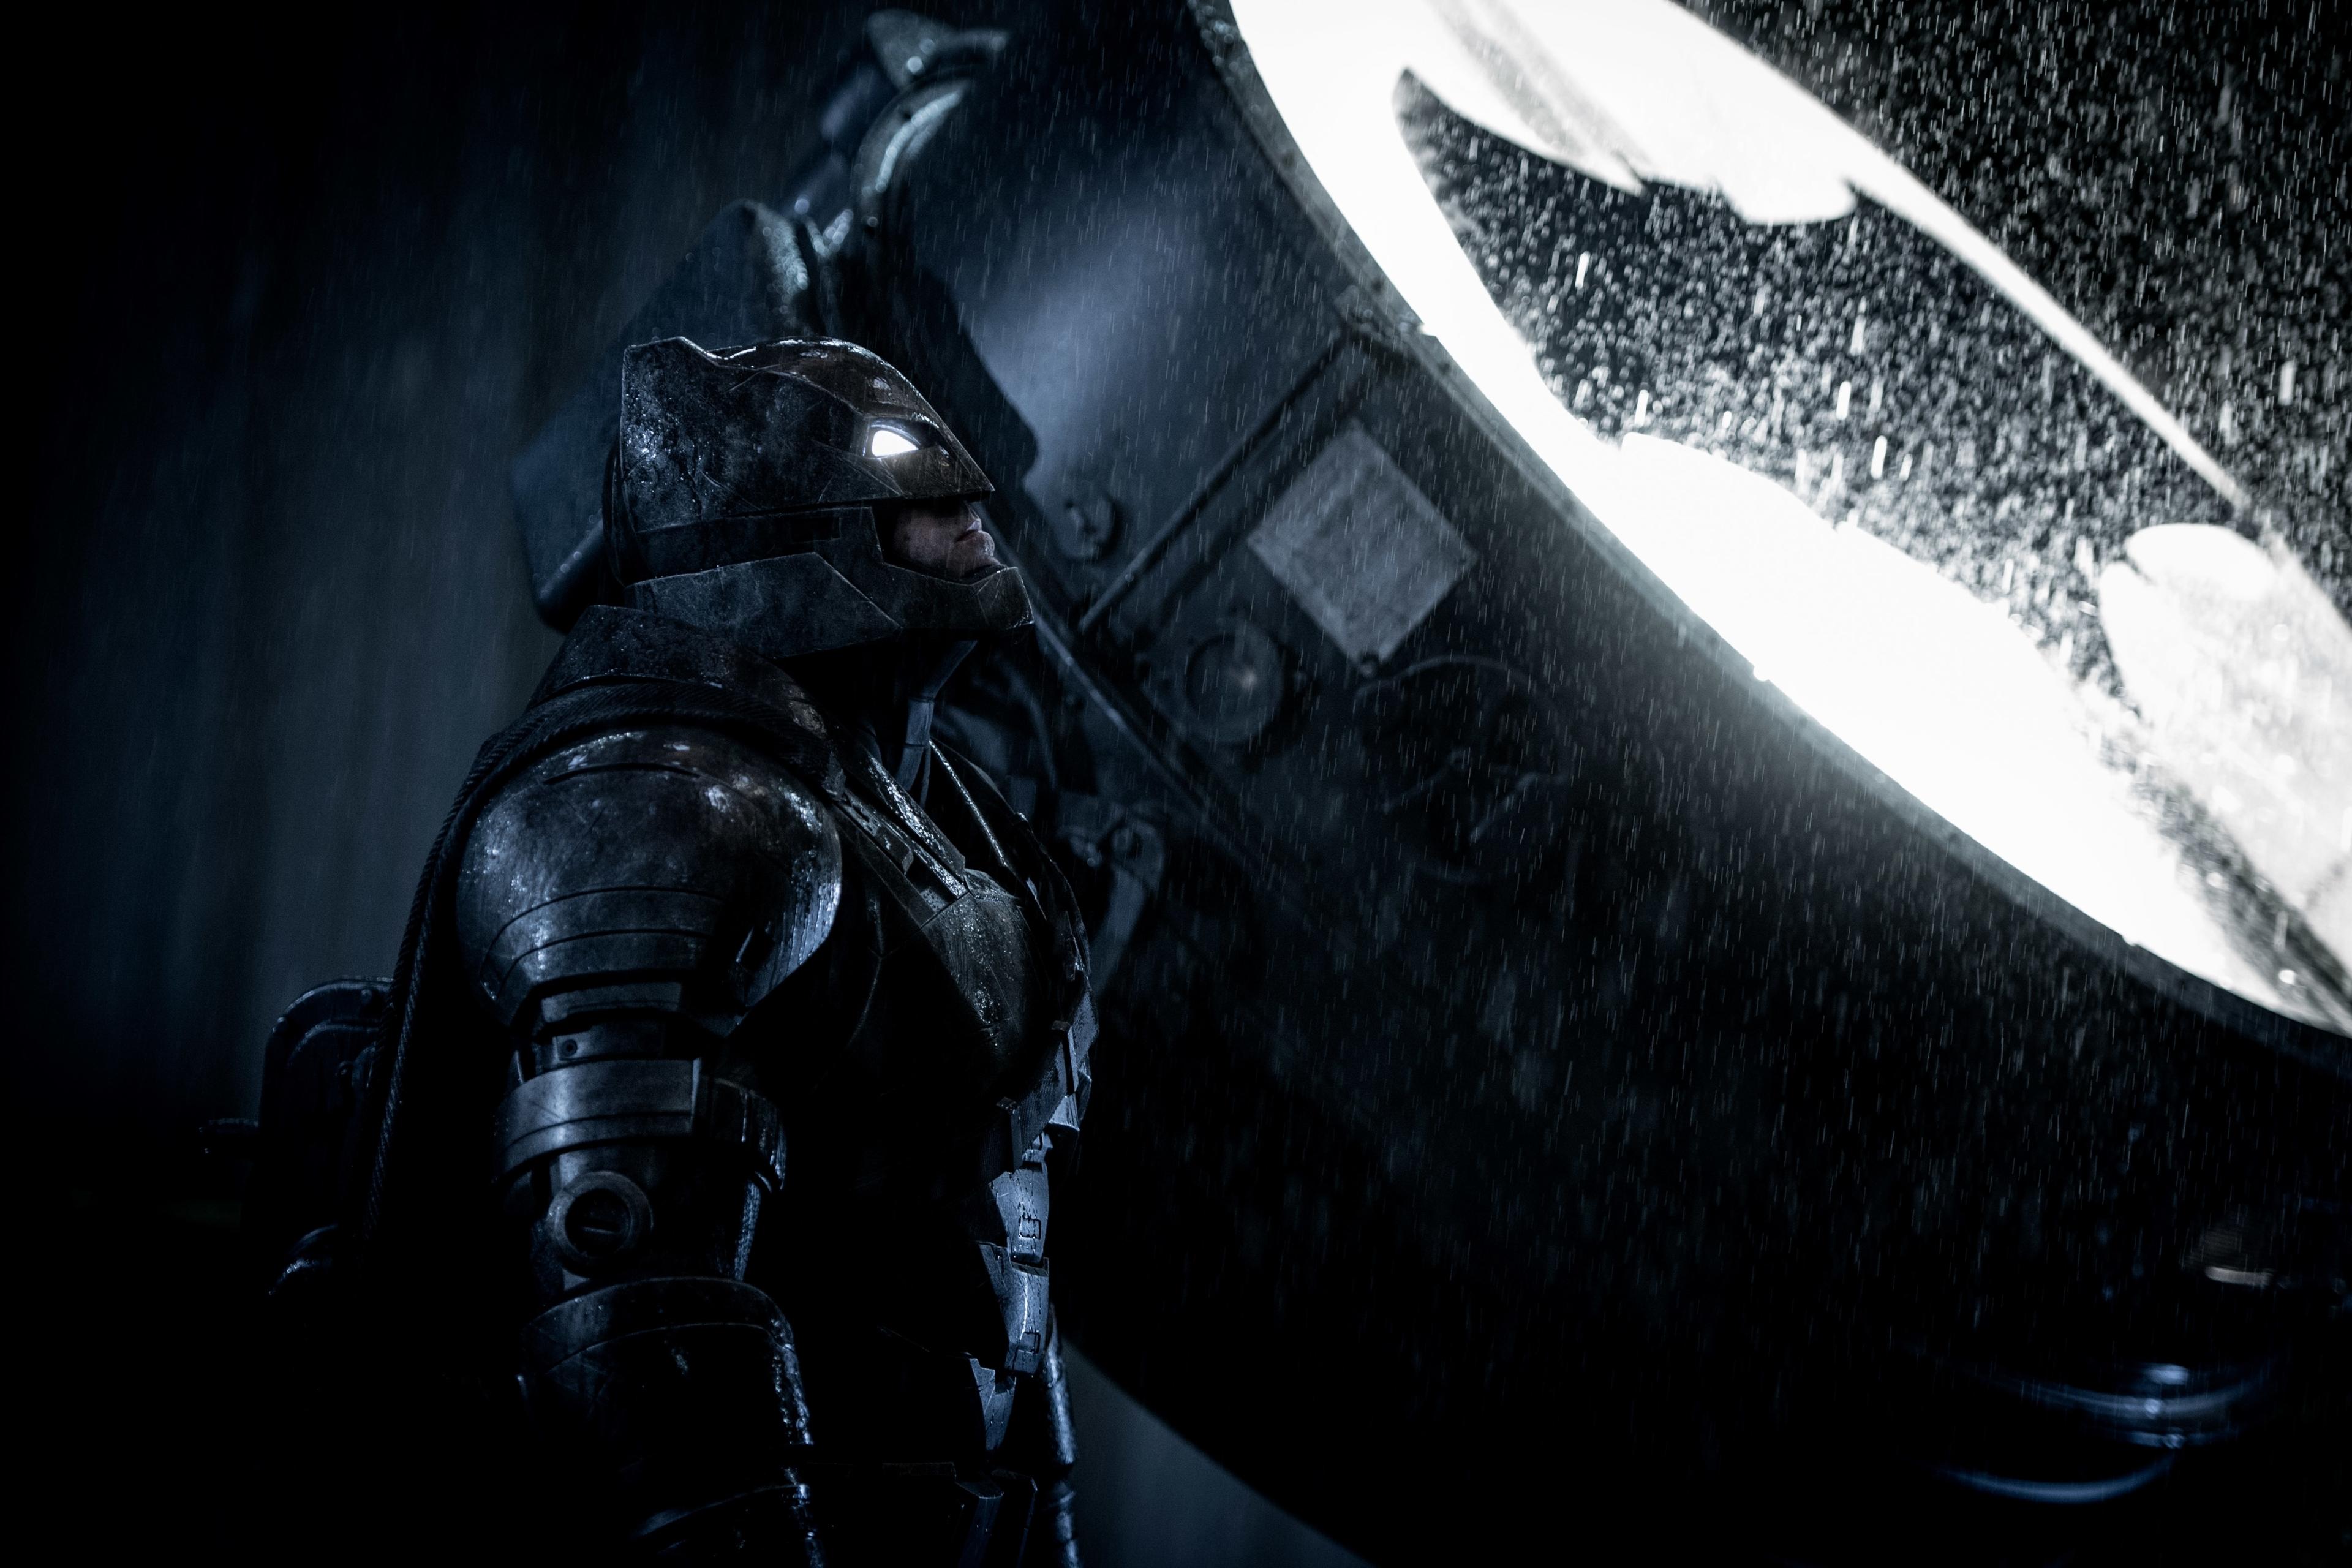 batman v superman dawn of justice (2016) batman 4k uhd 3:2 3840x2560